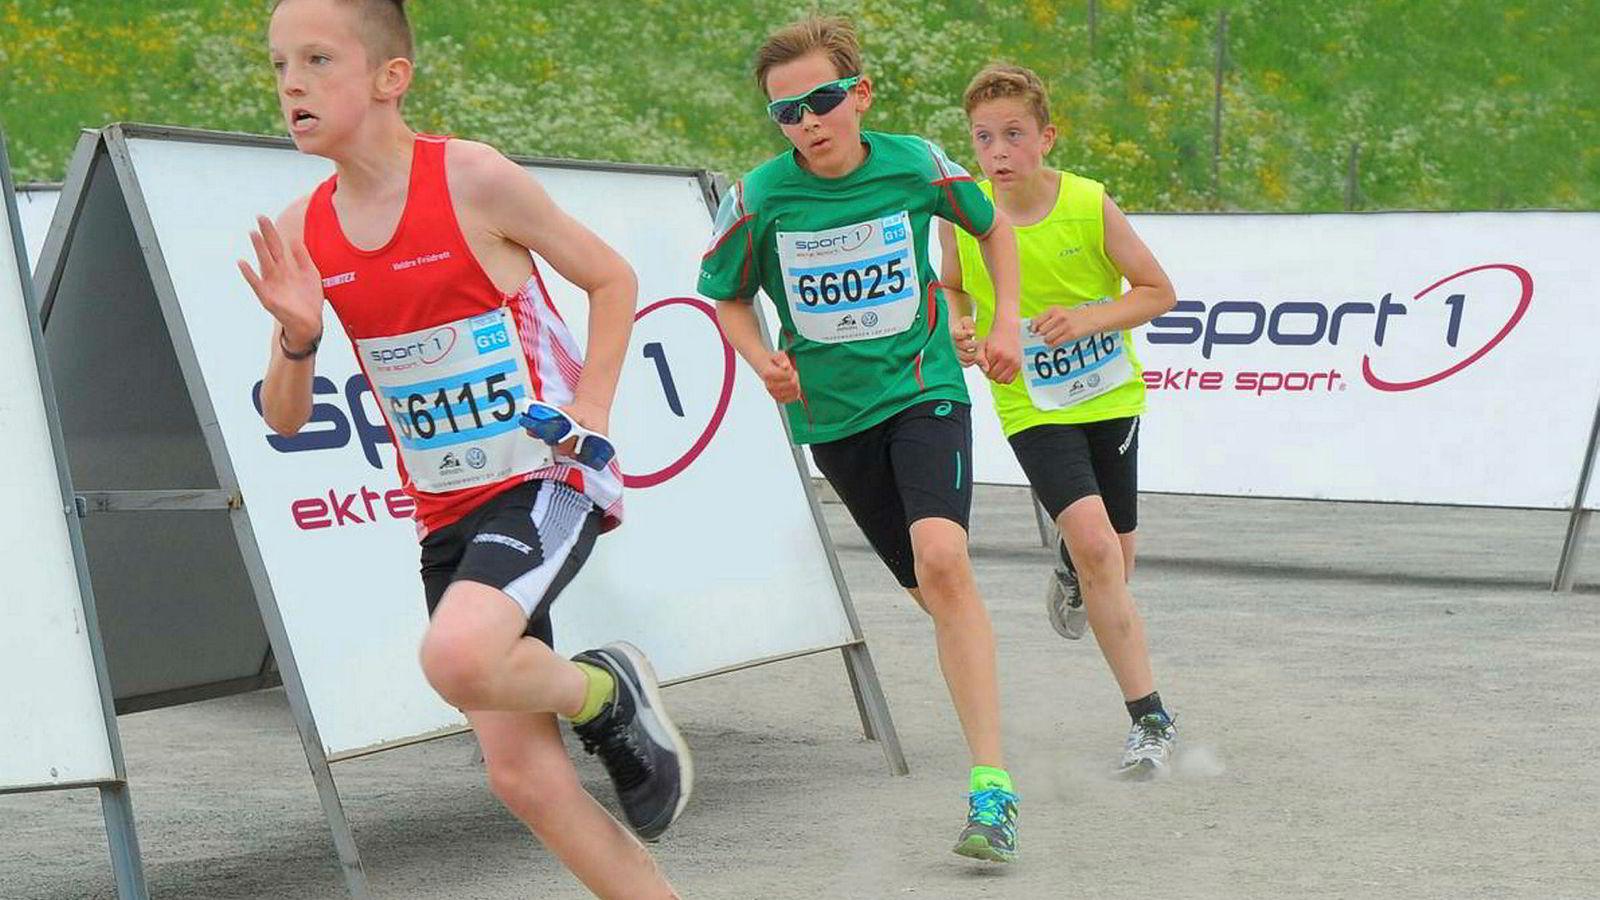 Sport 1 sponser BirkenUng-stipendet